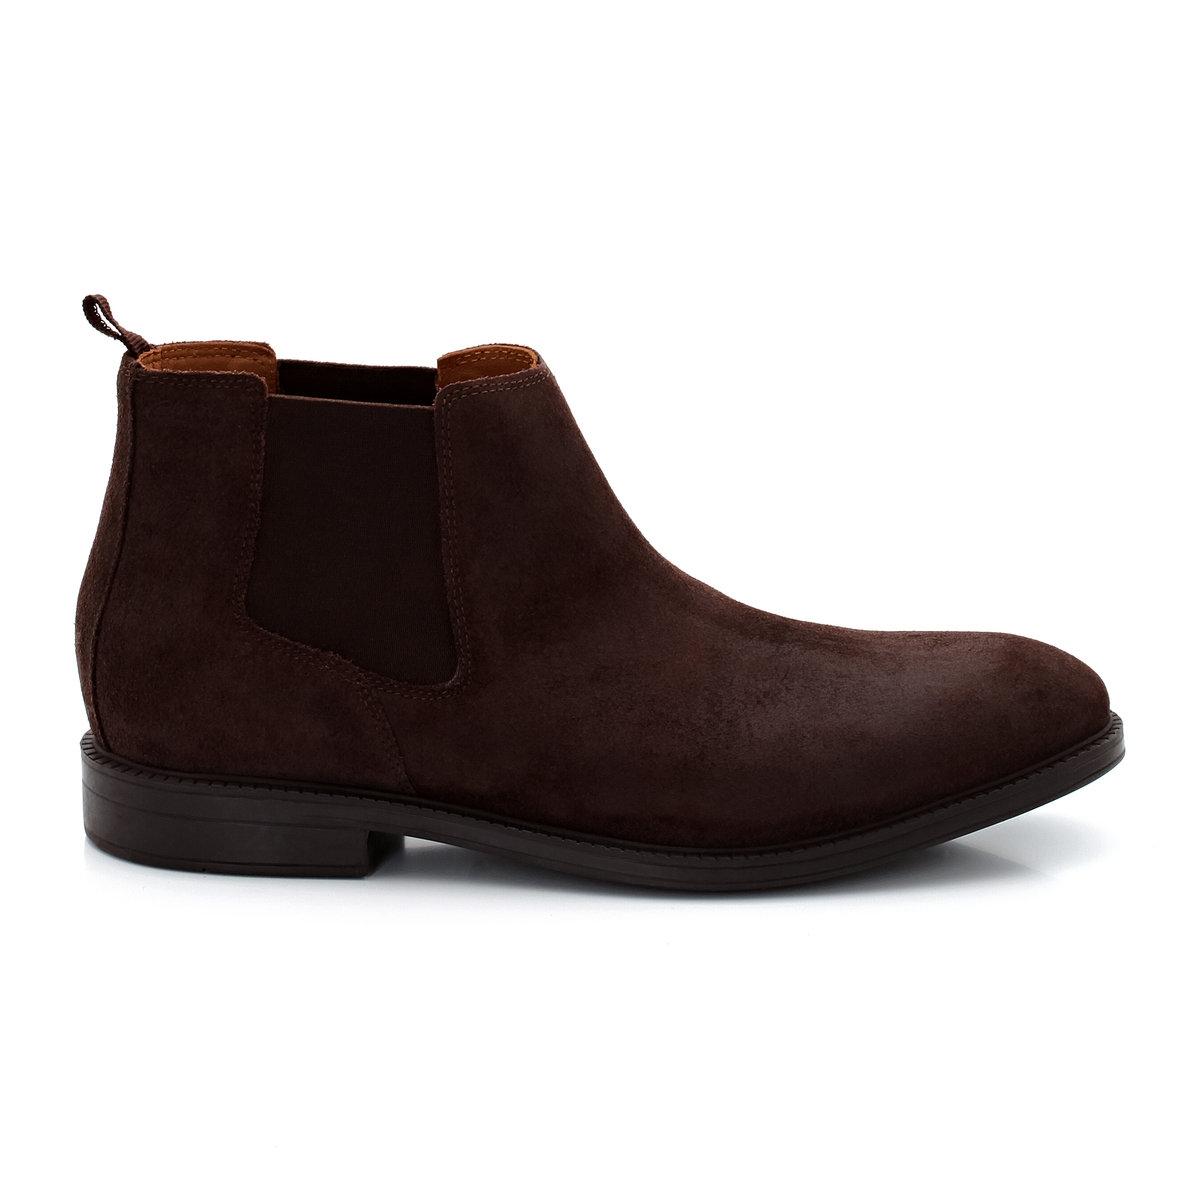 Ботинки кожаные в стиле челси CLARKS Chilver TopПреимущества: кожаные ботинки CLARKS в стиле челси покорят Вас своим комфортом!<br><br>Цвет: темный каштан<br>Размер: 42